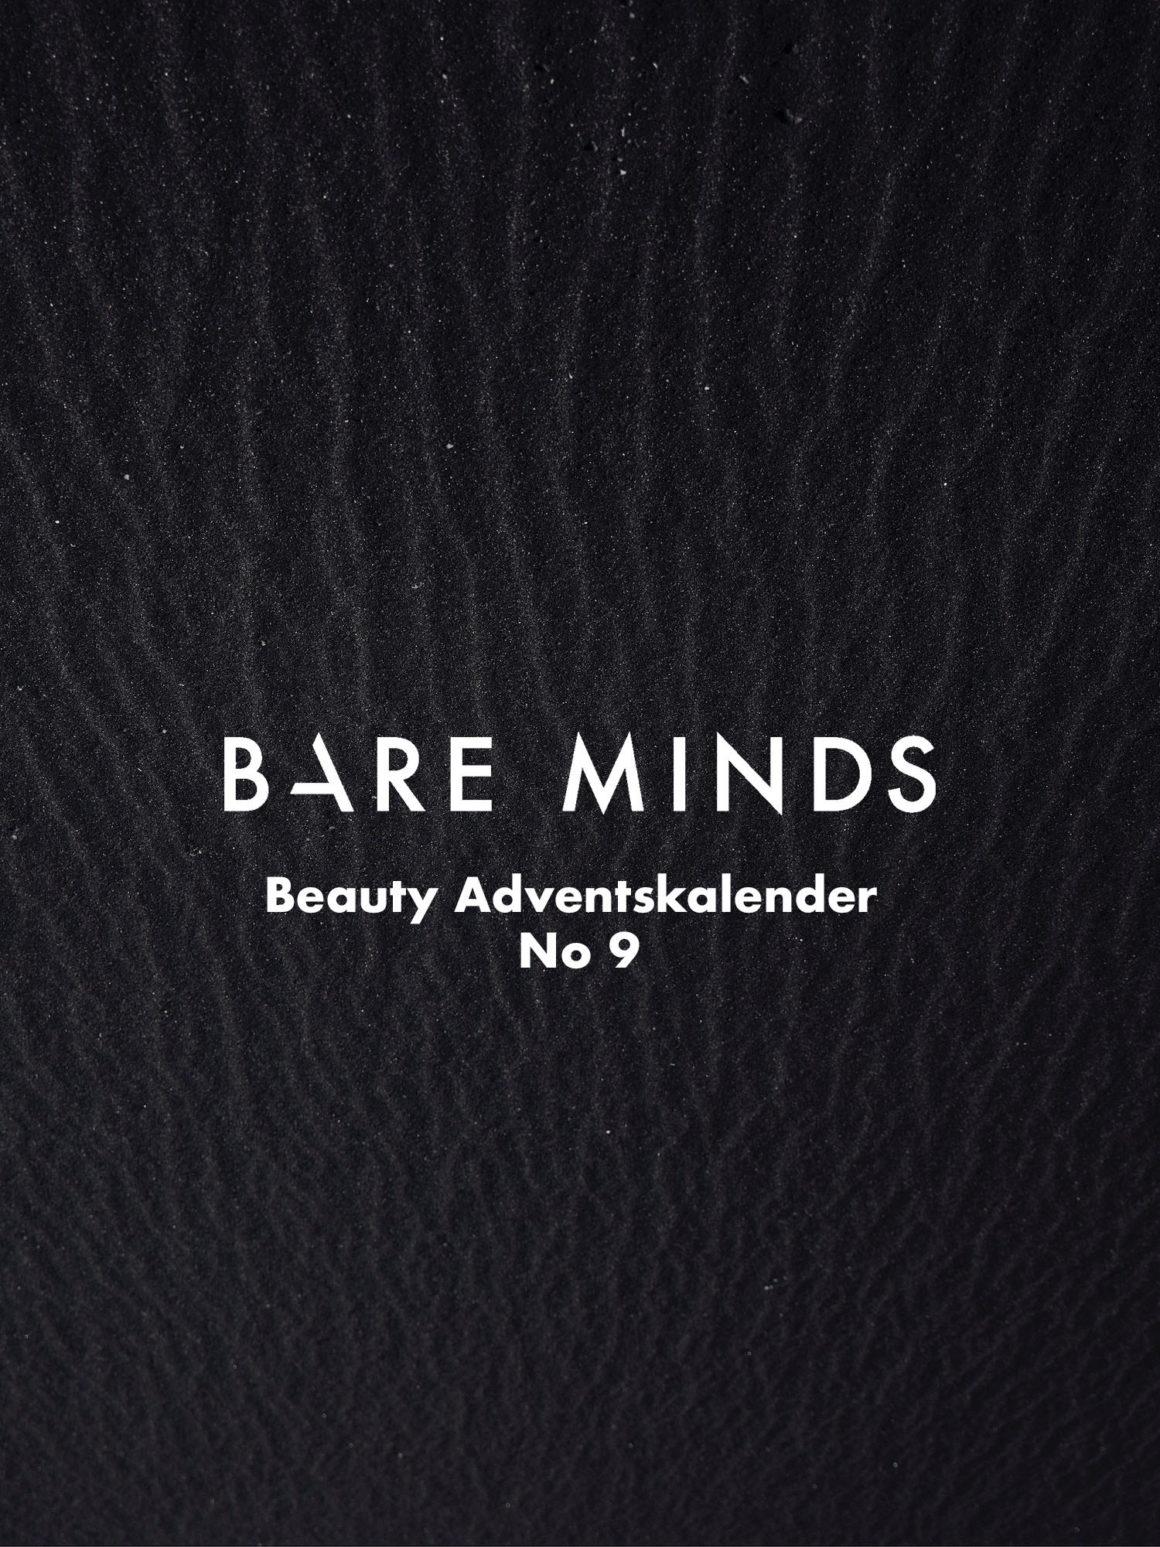 Bare Minds Beauty Adventskalender 2019 09_